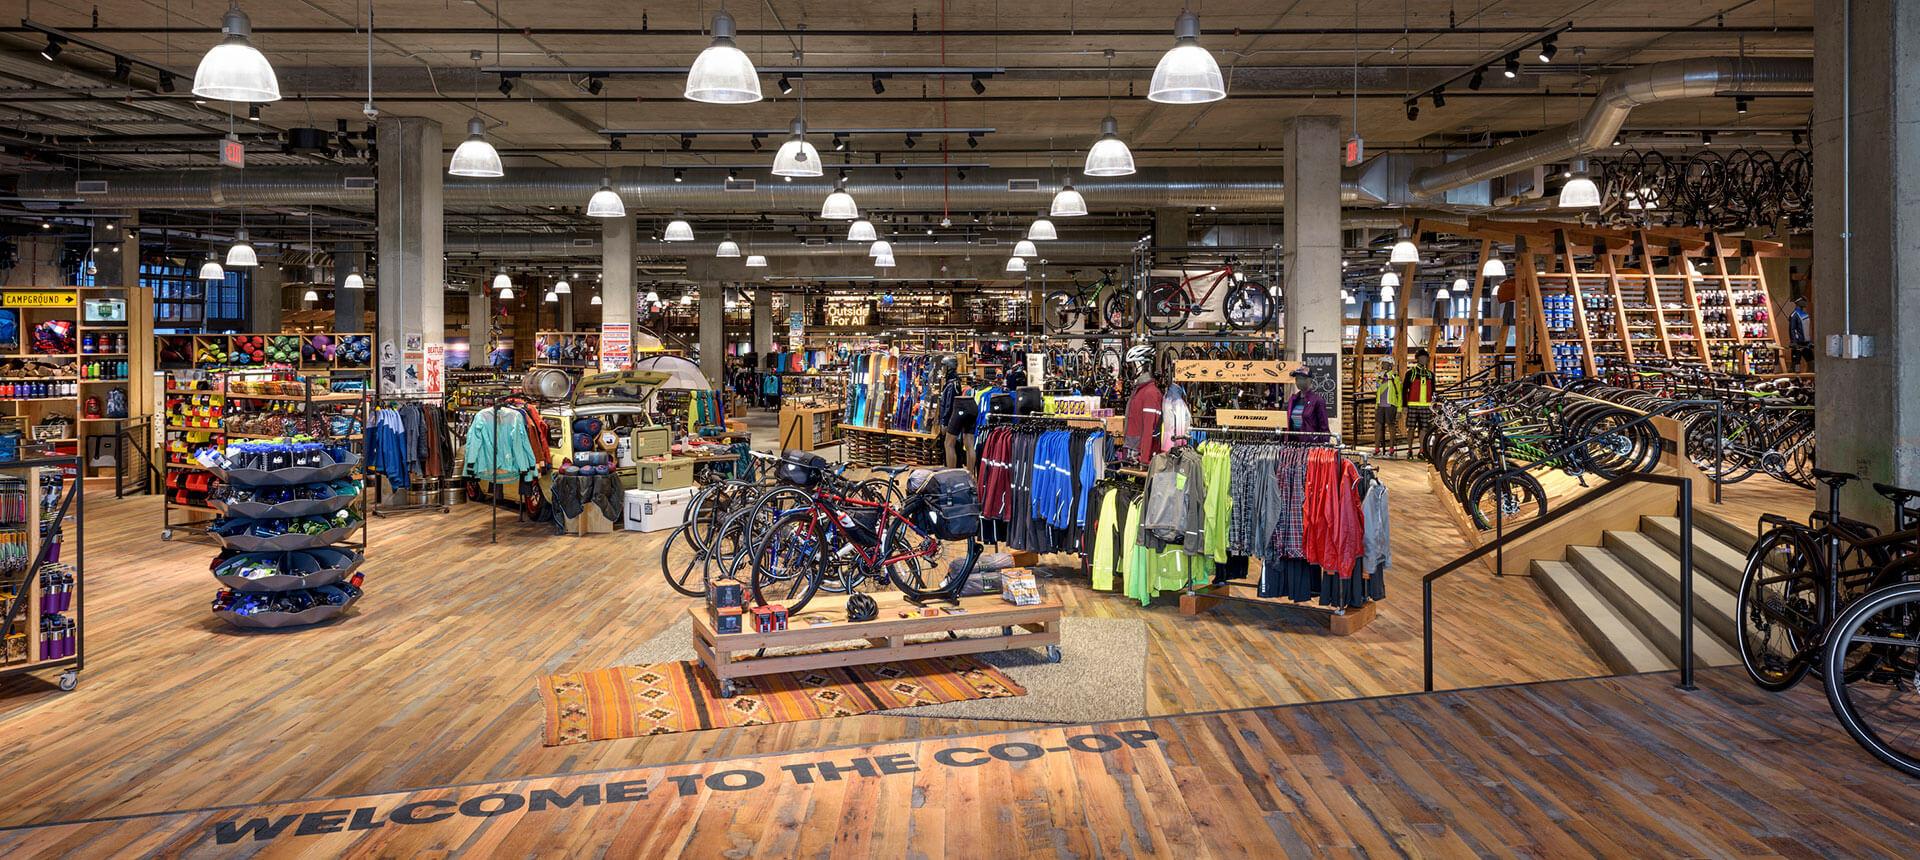 REI DC Uline Shop Interior